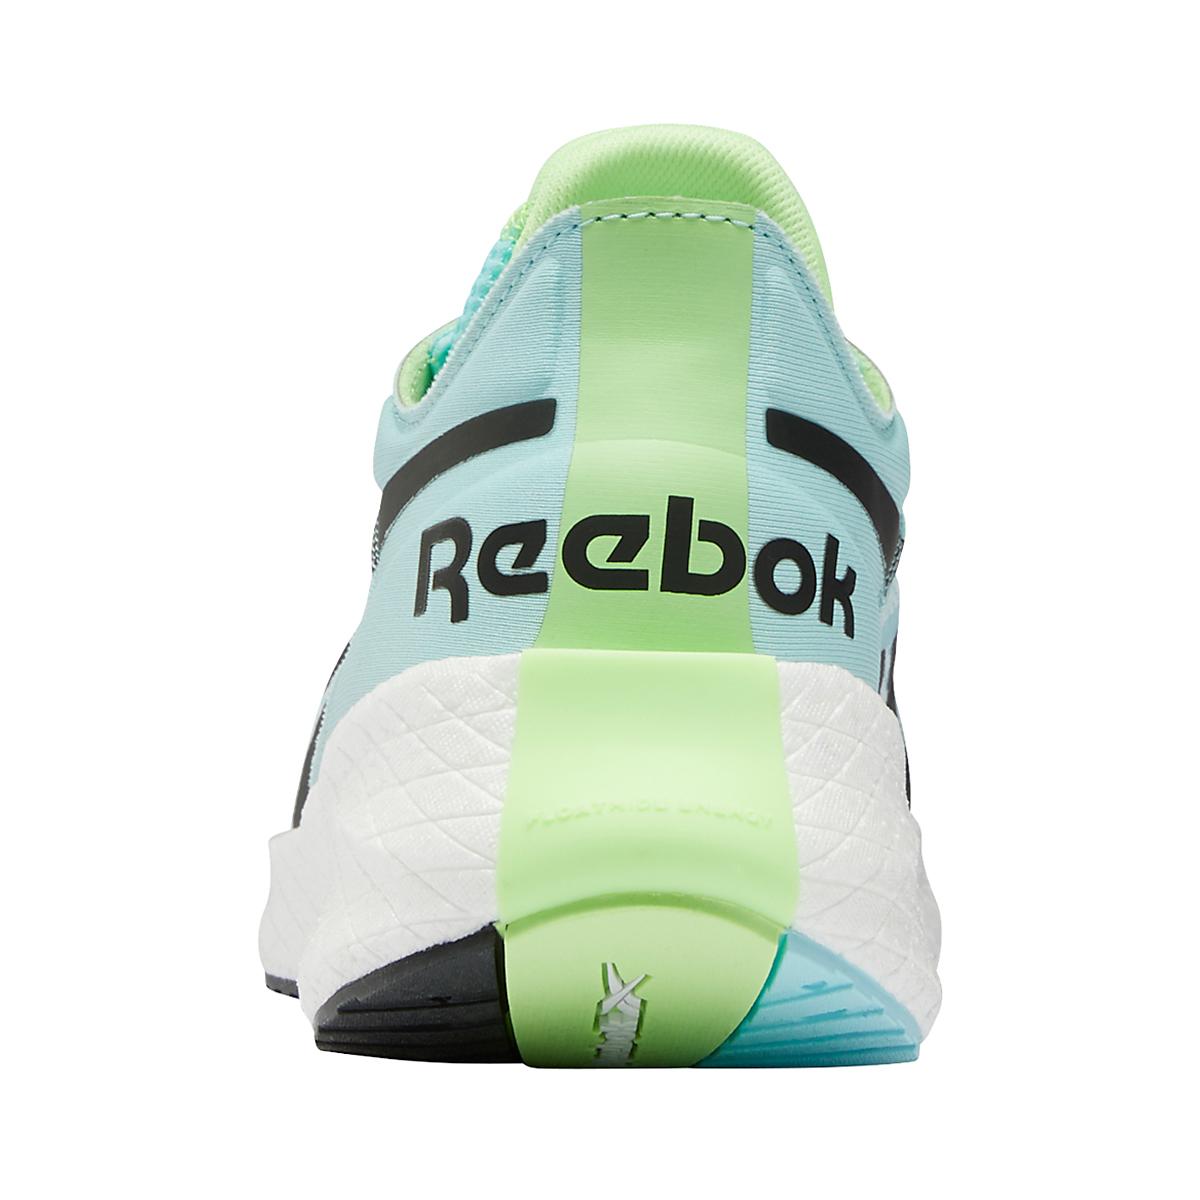 Women's Reebok Floatride Energy Symmetros Running Shoe - Color: Digital Glow/Chalk Blue/Neon Mint - Size: 6 - Width: Regular, Digital Glow/Chalk Blue/Neon Mint, large, image 5